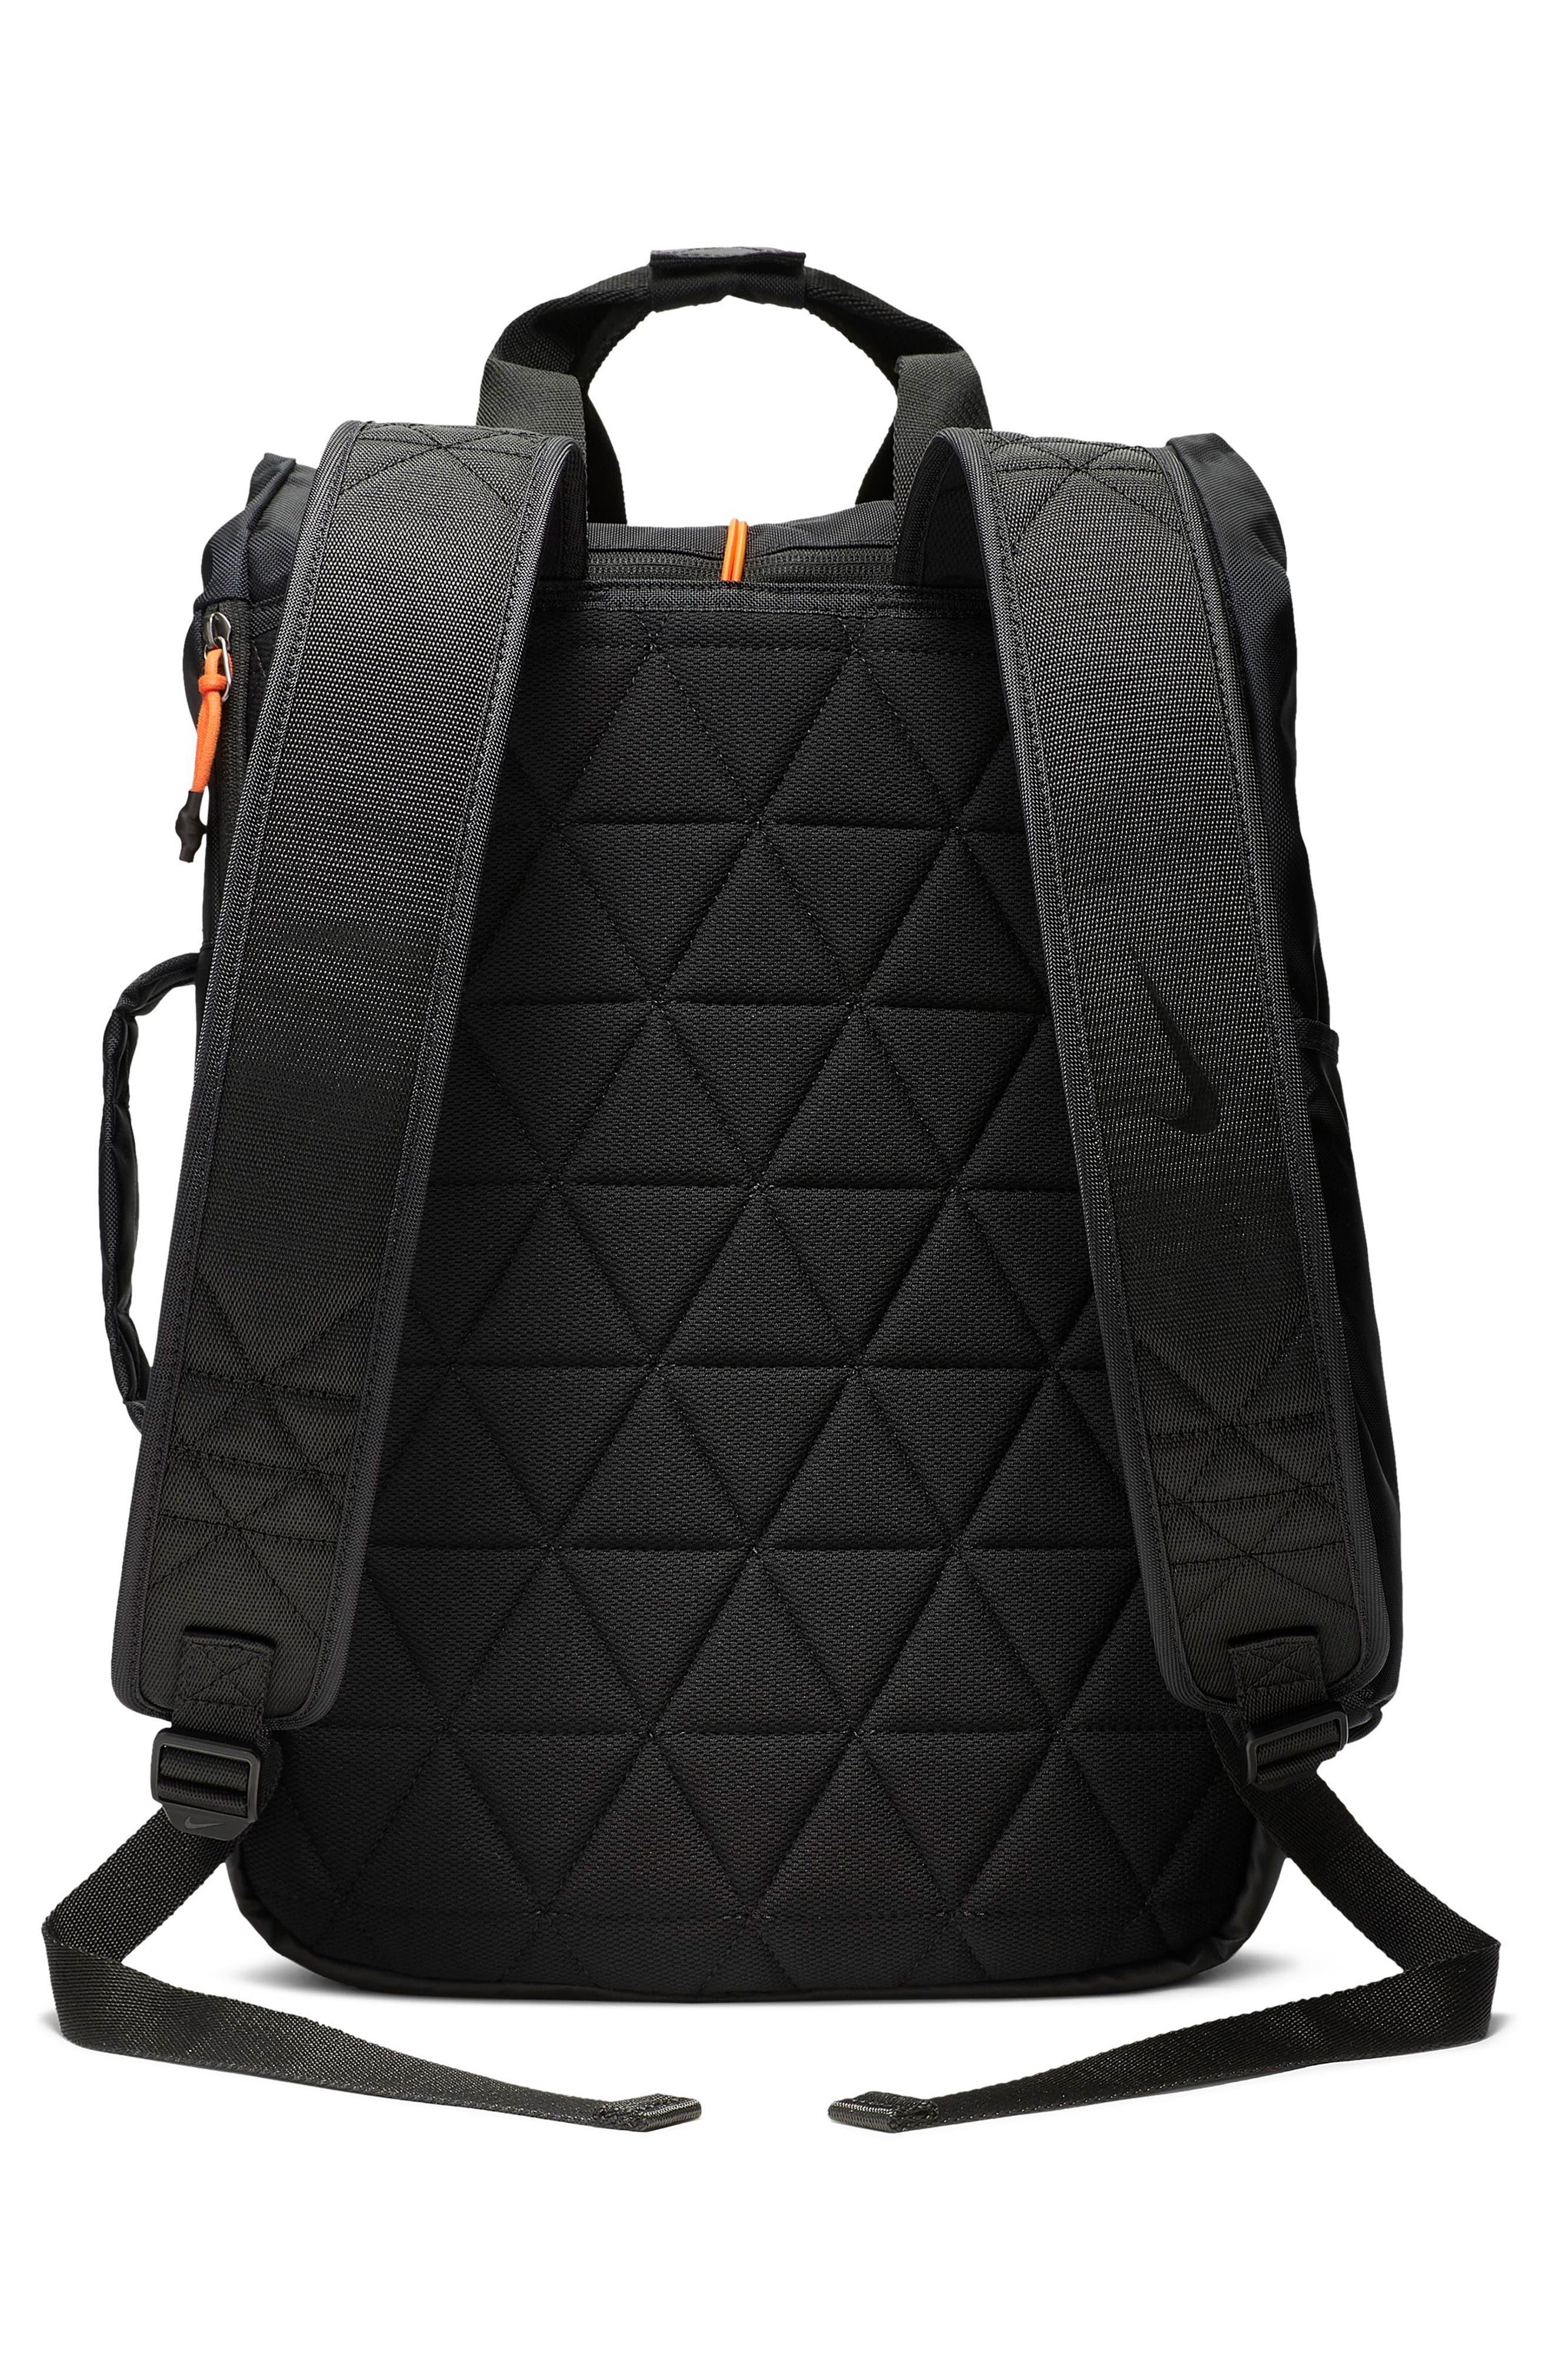 NIKE, Vapor Energy 2.0 Training Backpack, Alternate thumbnail 2, color, BLACK